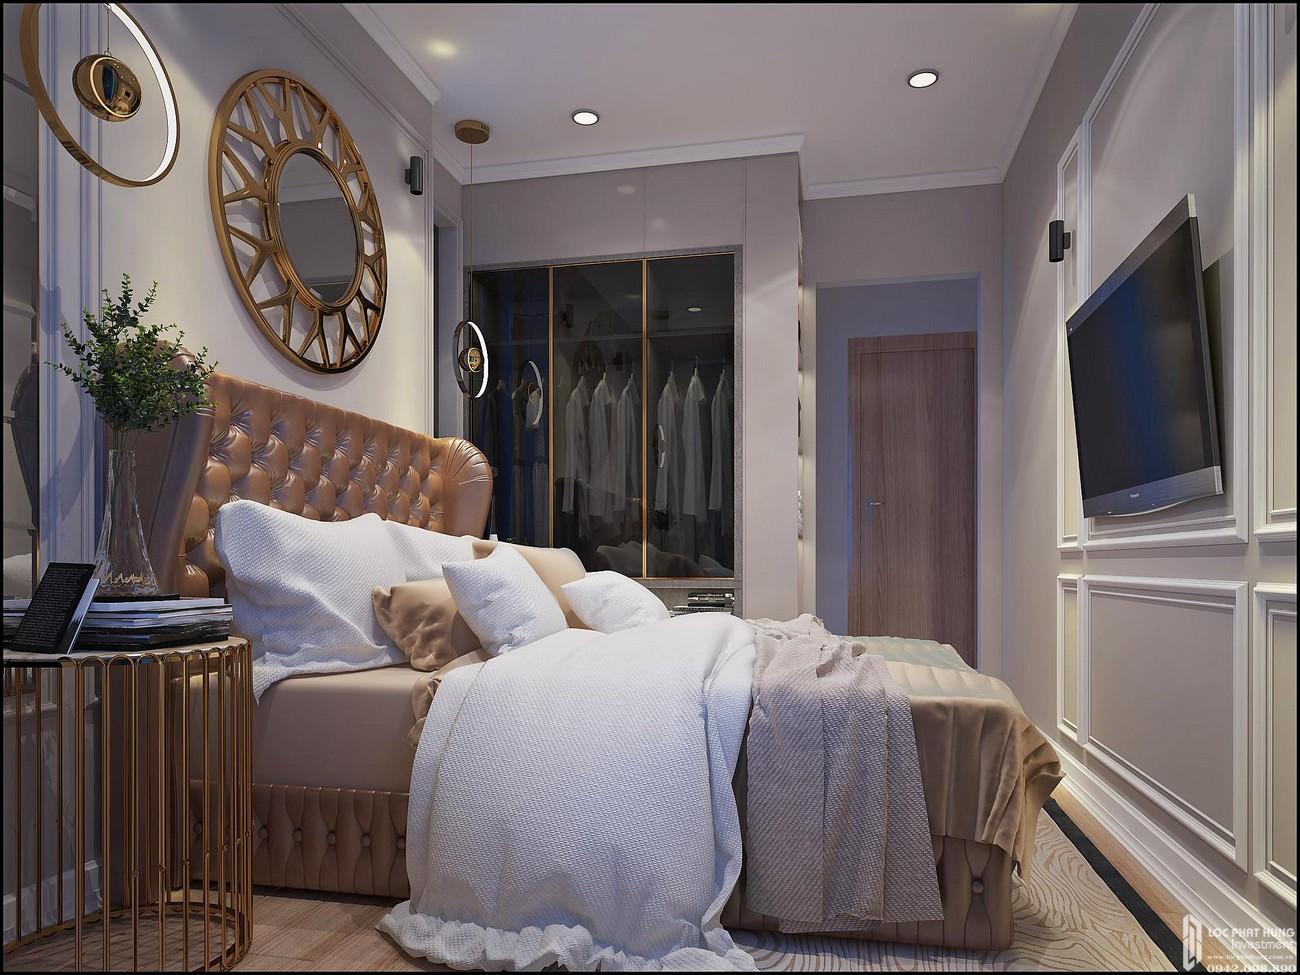 Phòng ngủ dự án Căn Hộ chung cư Bcons Miền Đông Dĩ An Đường Tân Lập chủ đầu tư Bcons